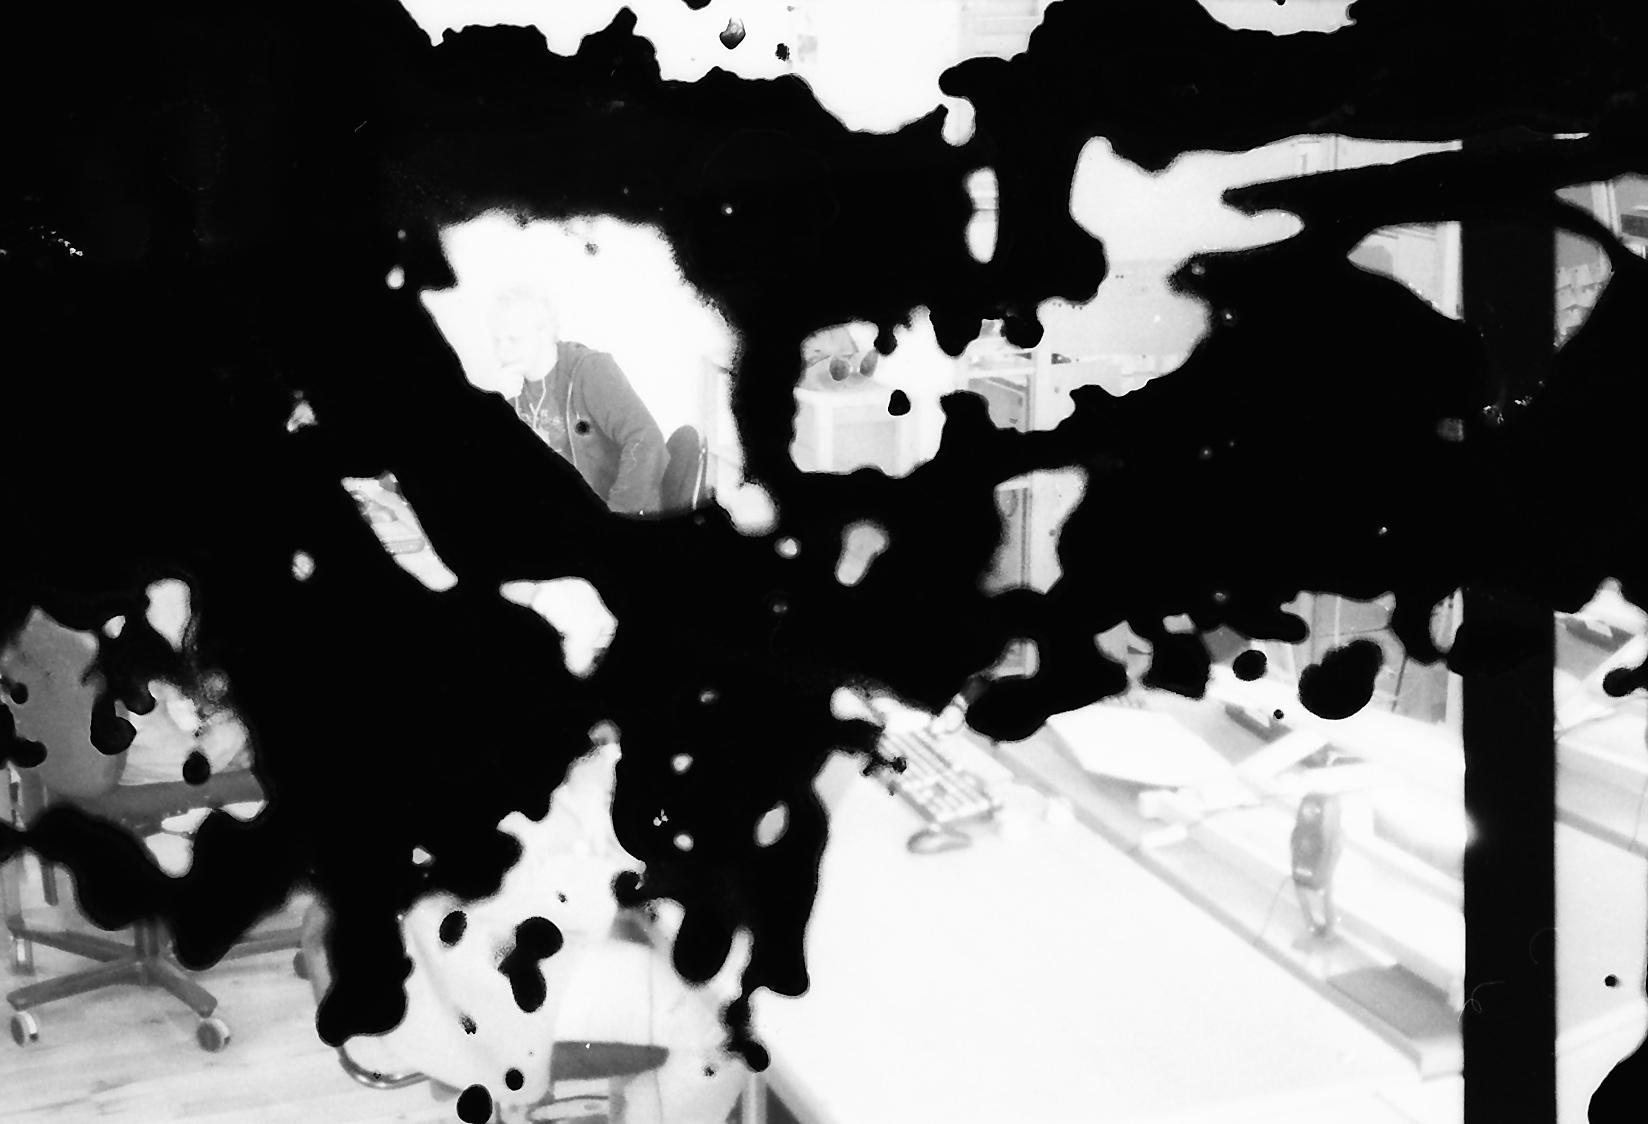 acid negatvie_0001.jpg